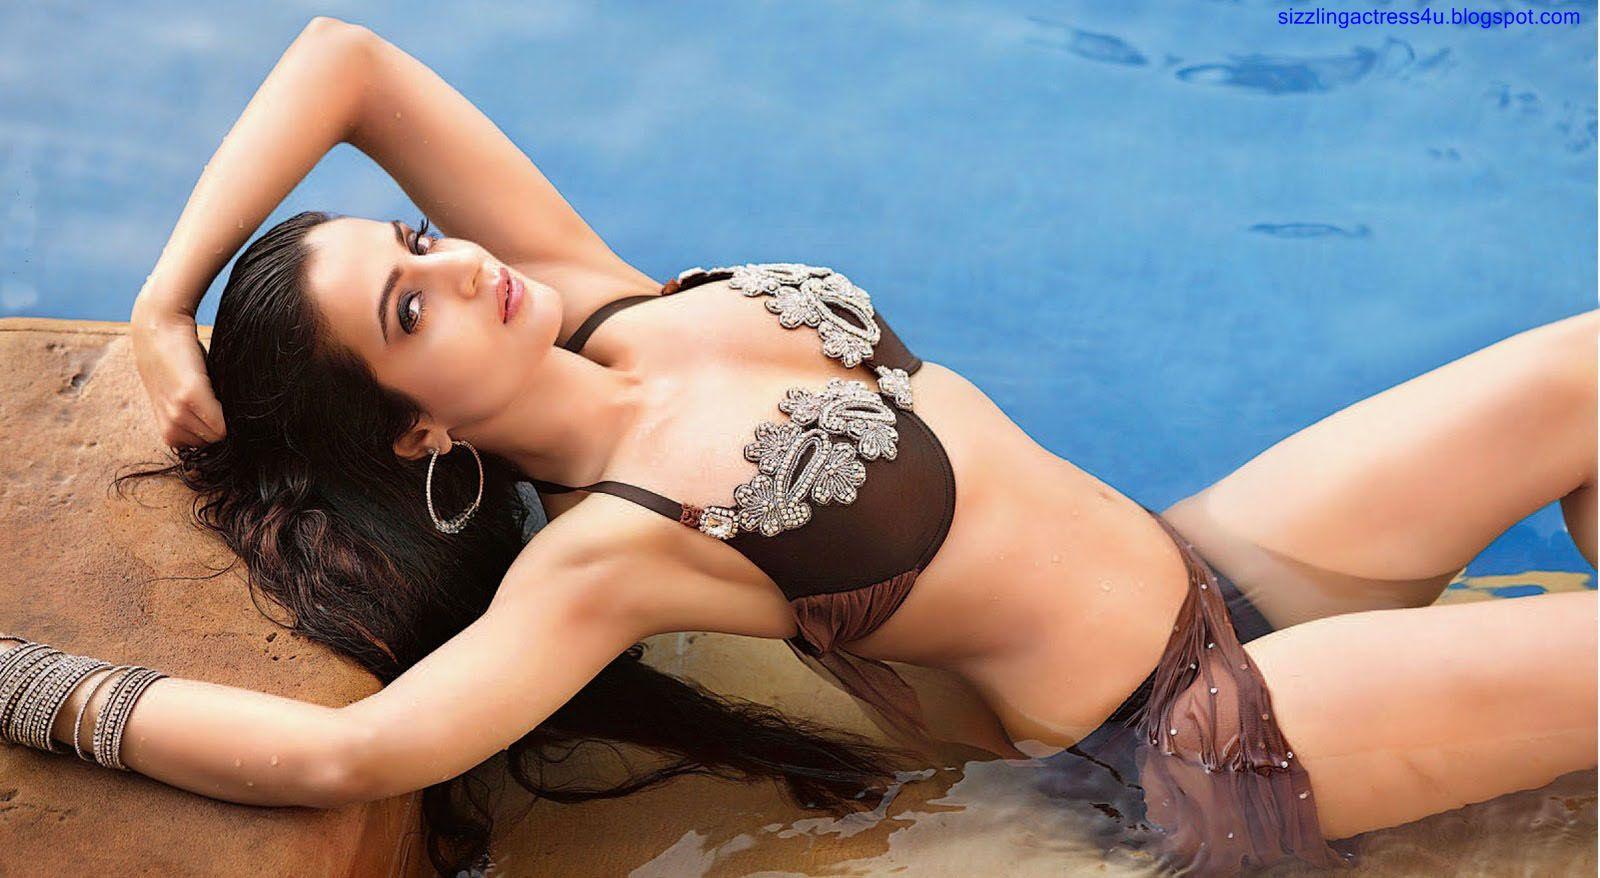 http://1.bp.blogspot.com/-jOJFf6m60BI/TwLPx_SkiJI/AAAAAAAACzA/VvVpxLmpD0A/s1600/Amisha-Patel-new-Bikini.jpg